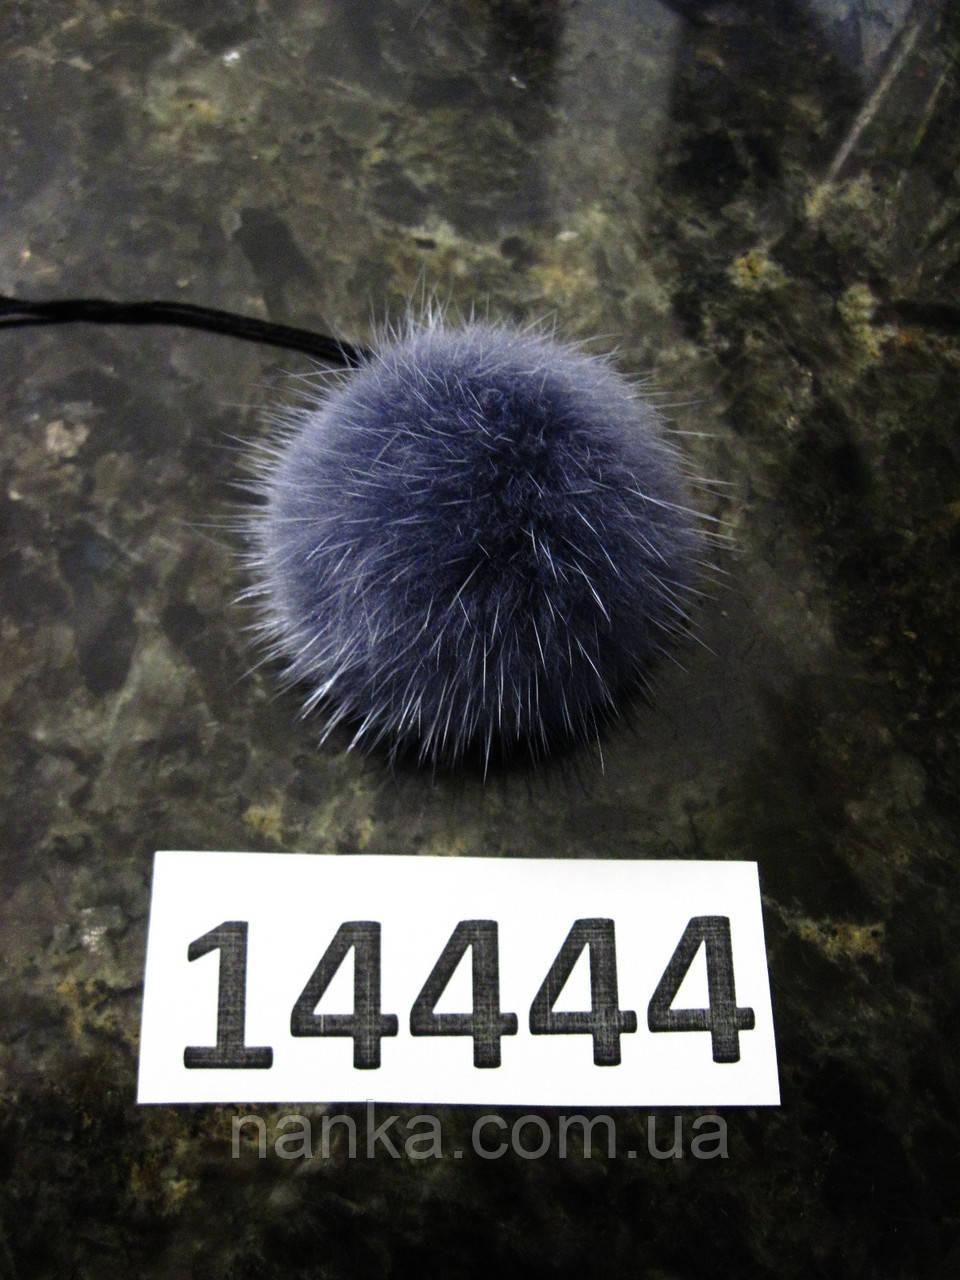 Меховой помпон Норка, Грифельный, 5 см, 14444